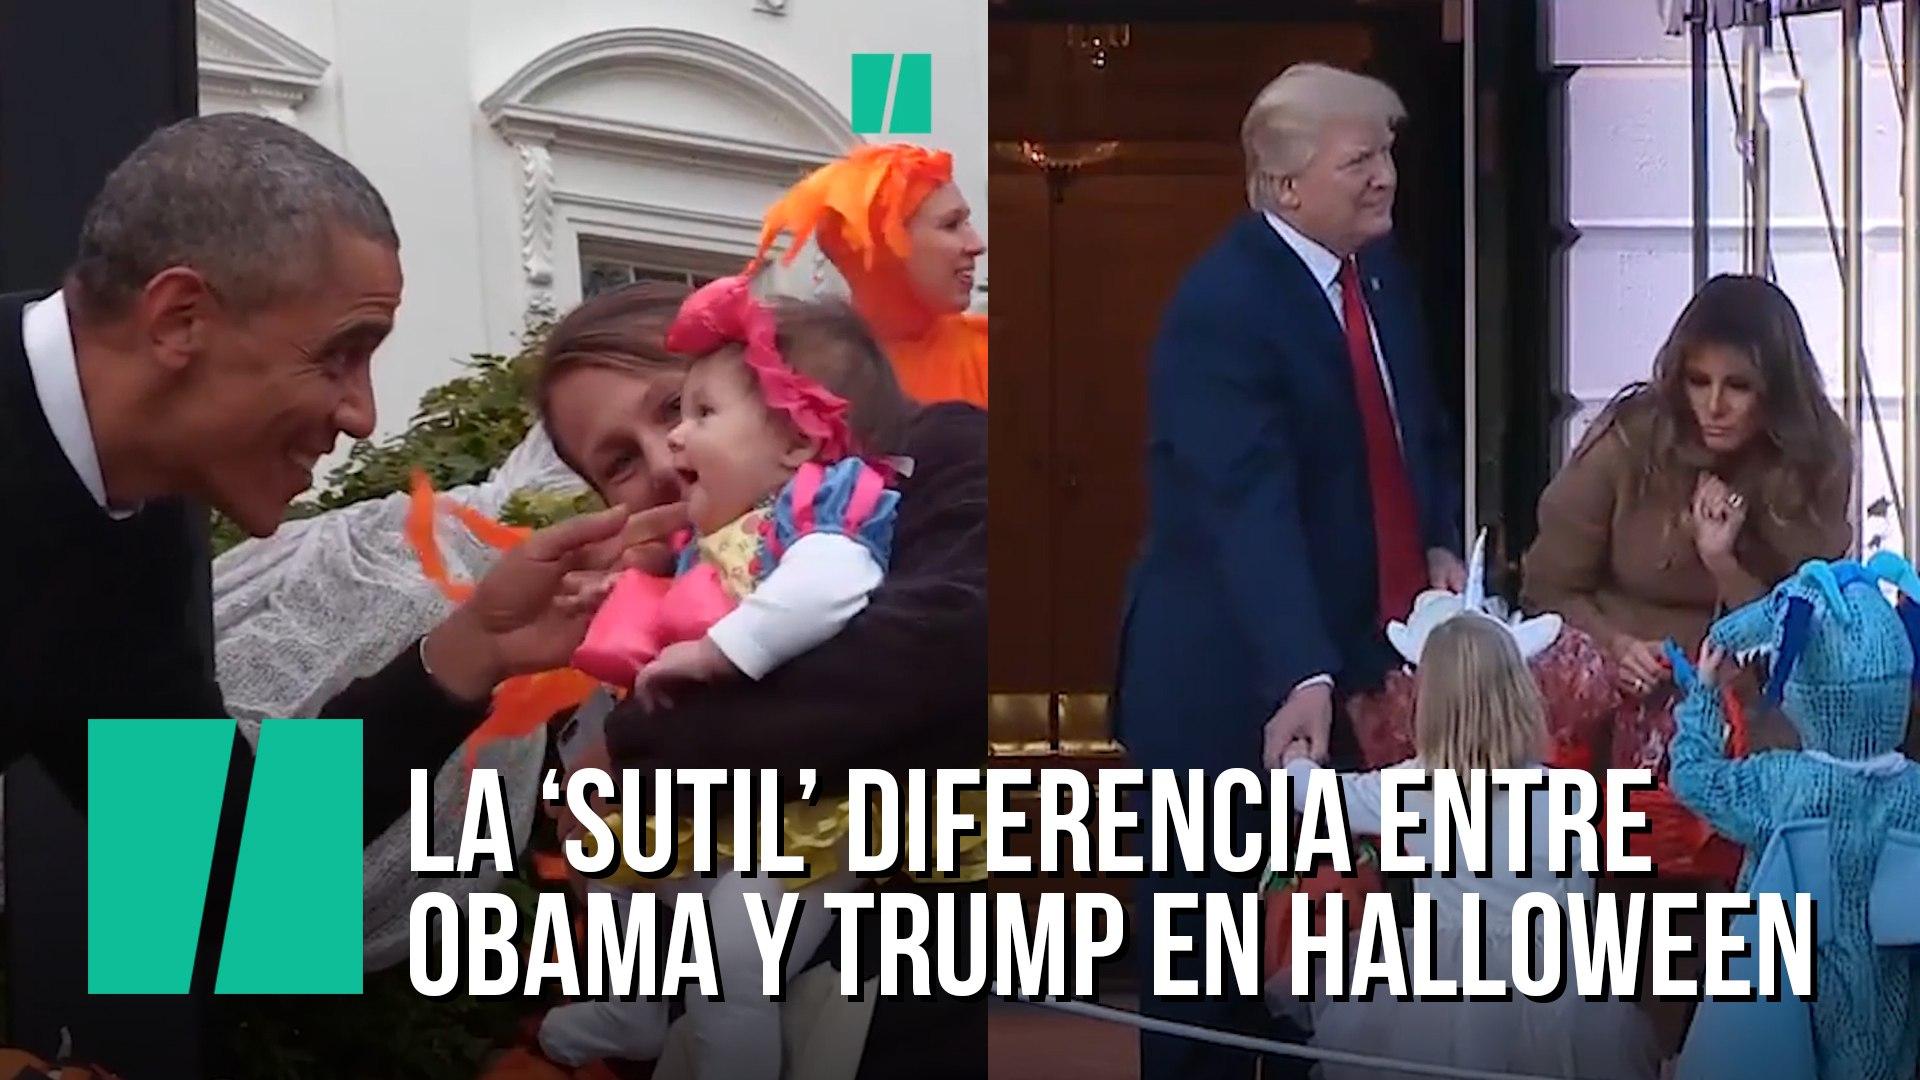 La 'sutil' diferencia entre Obama y Trump en Halloween